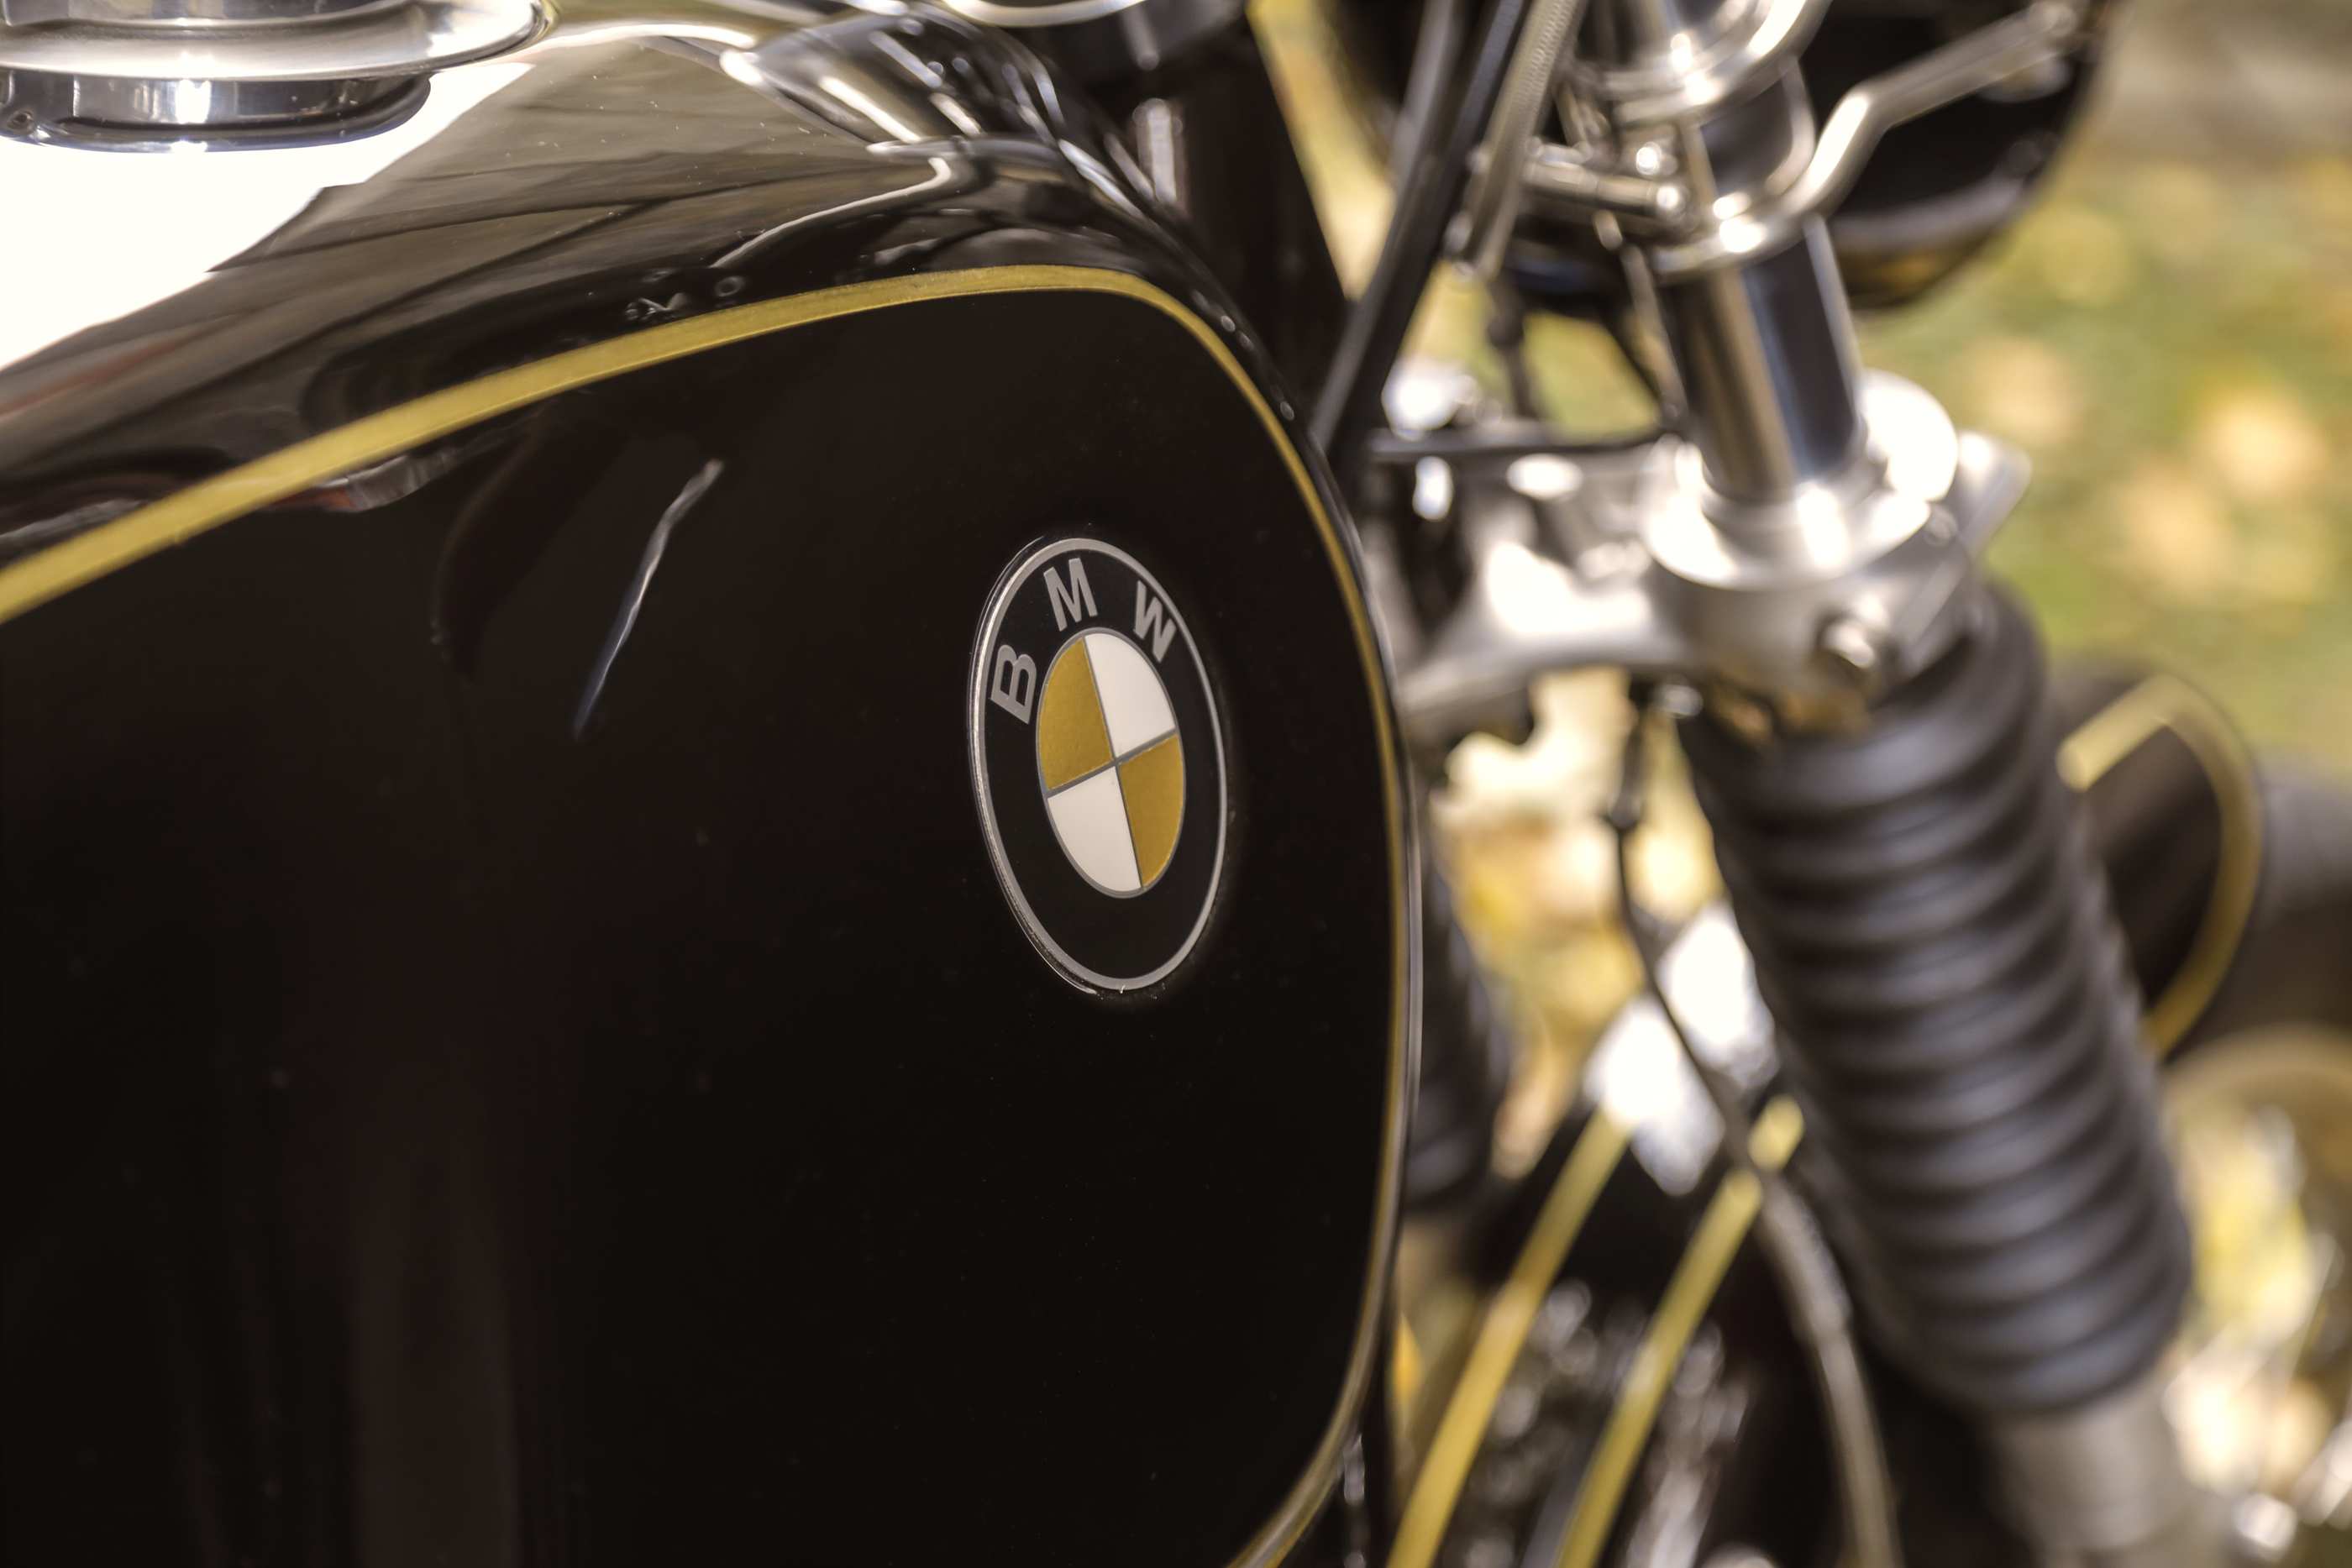 Bmw R807 Most Classic Café Racer Sold Titan